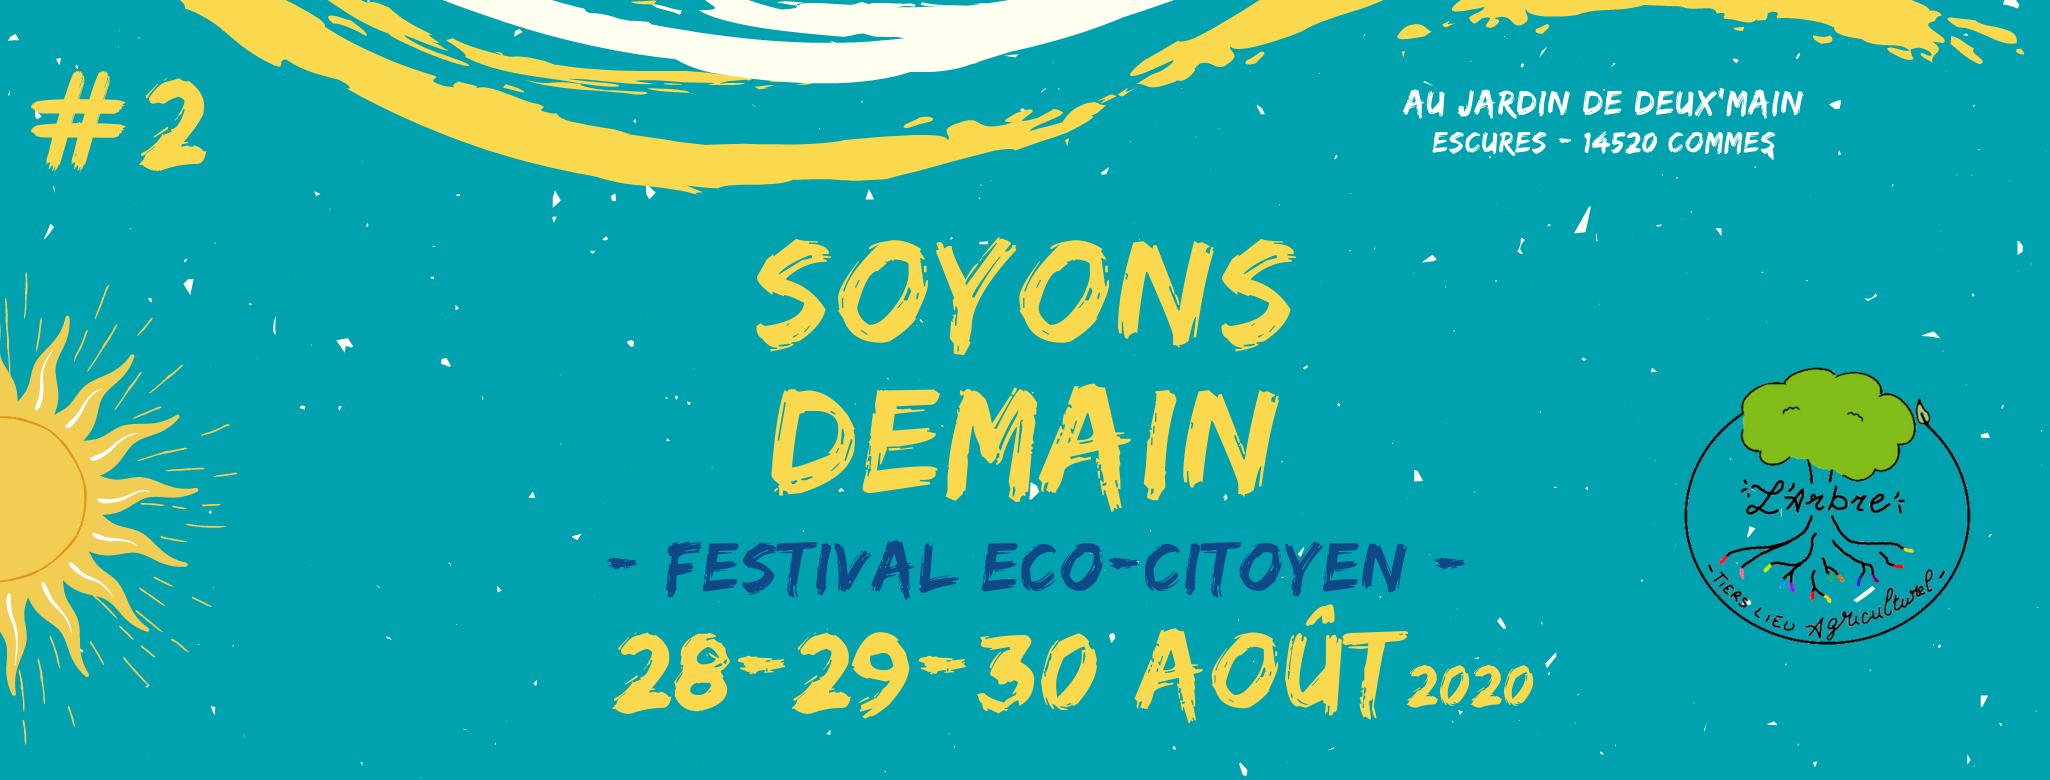 """Festival """"Soyons Demain"""" du 28 au 30 septembre à Commes (14)"""